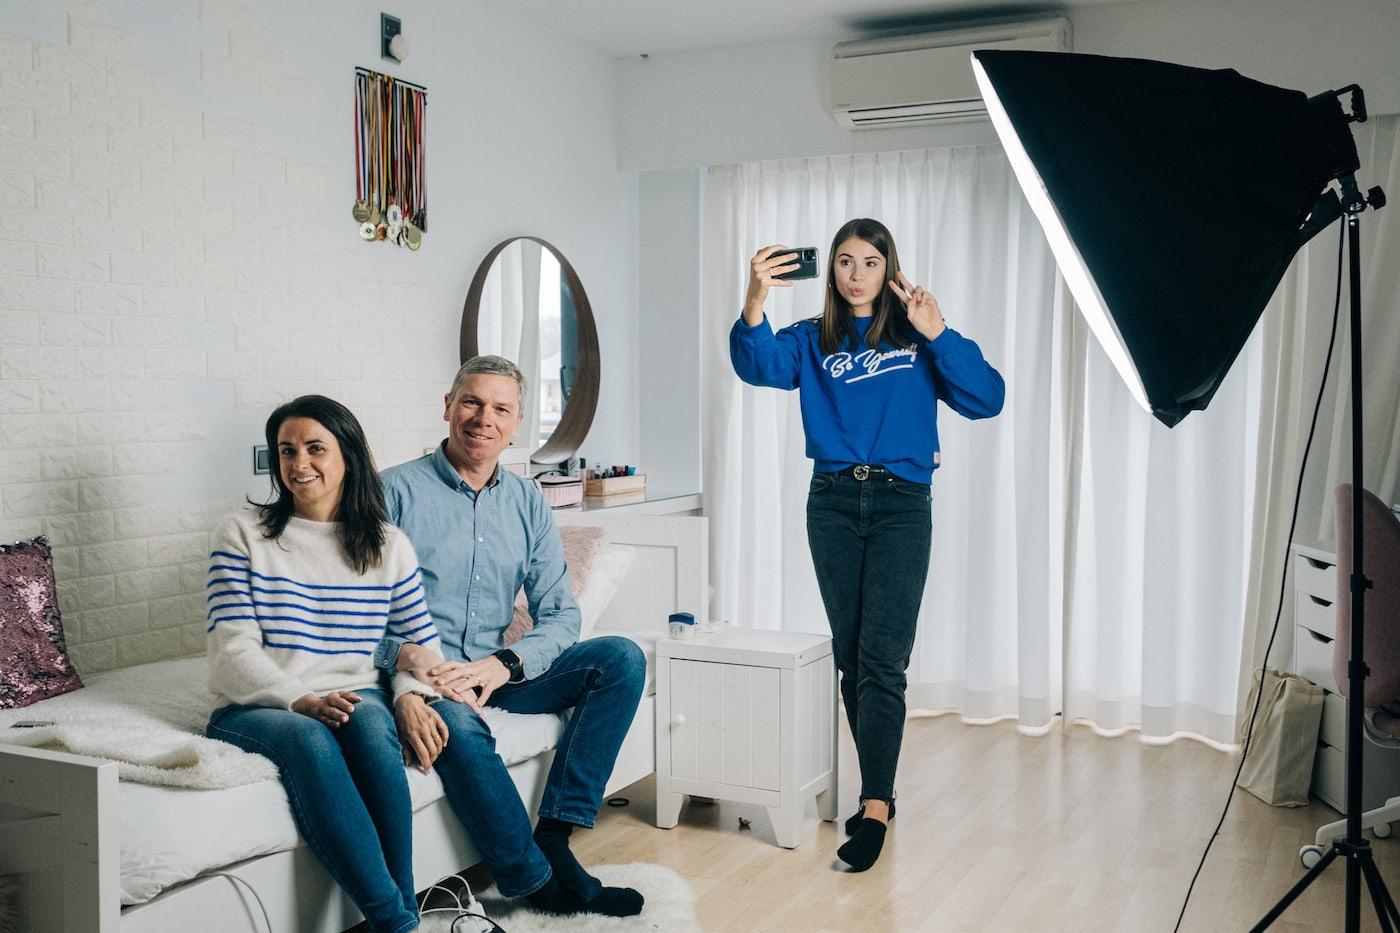 Stien Edlund met haar ouders